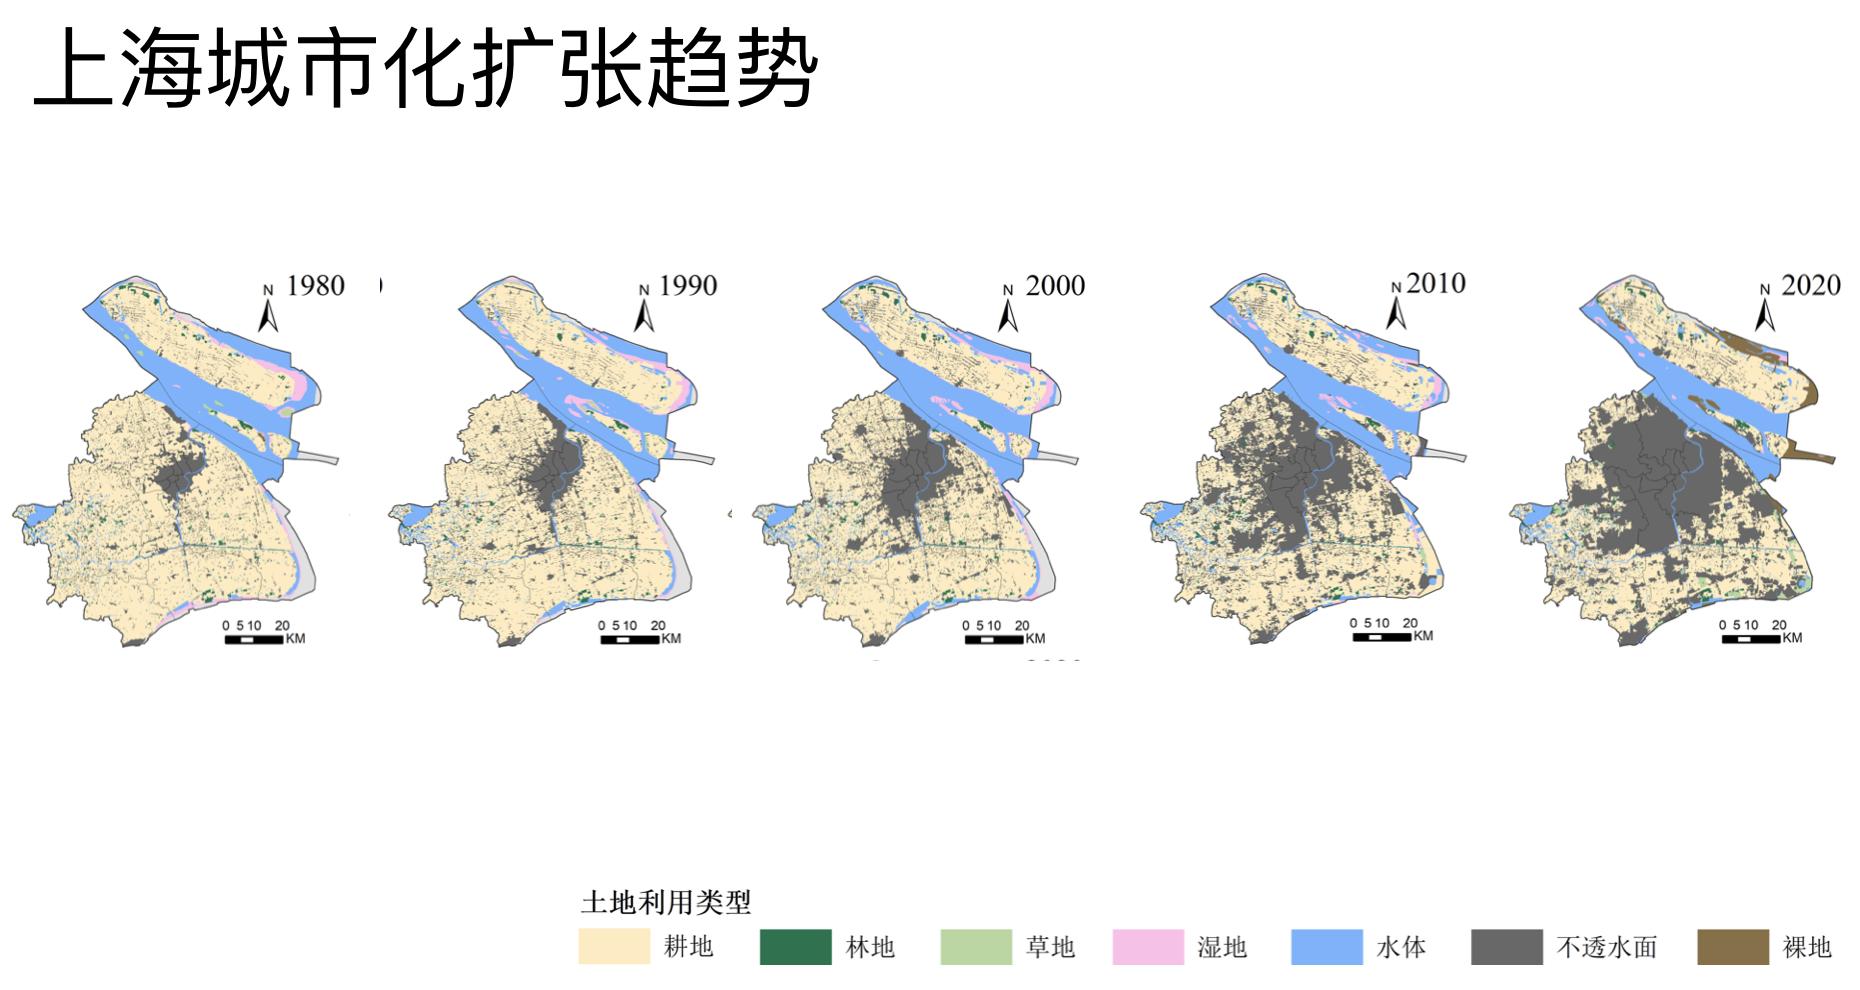 从1980年到当下,上海建成区面积不断扩张。图片来自讲者陈雪初PPT。